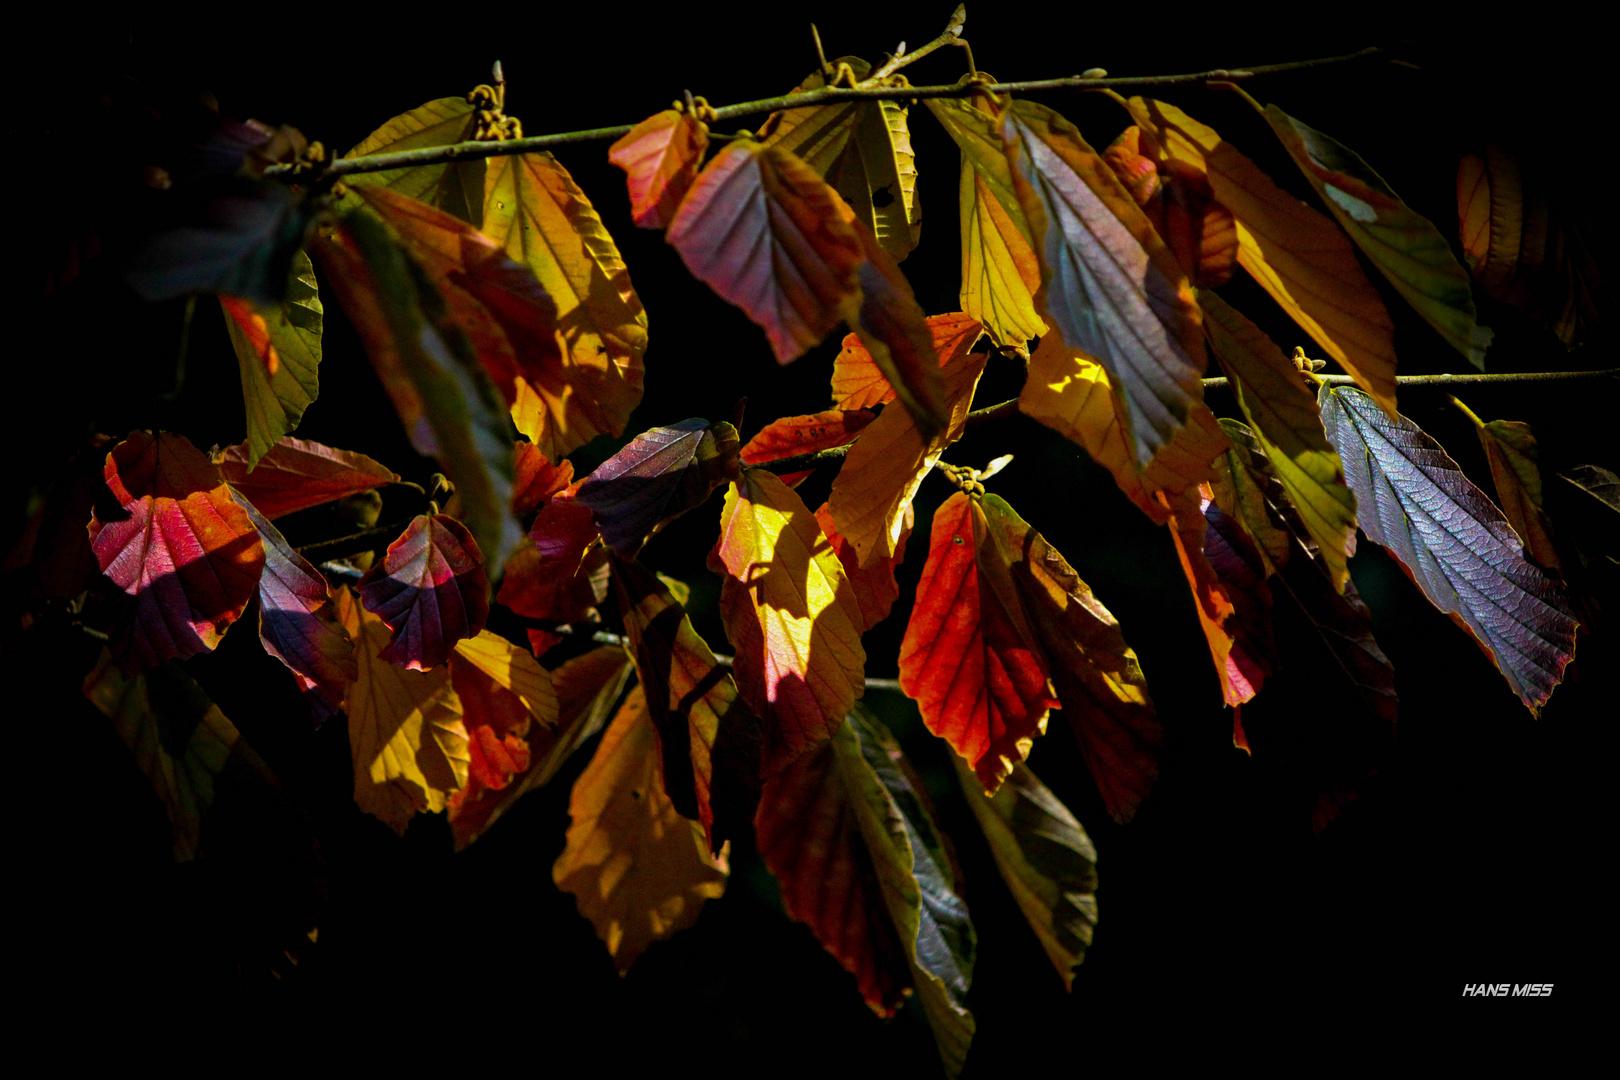 ein bunter Blätter Vorhang